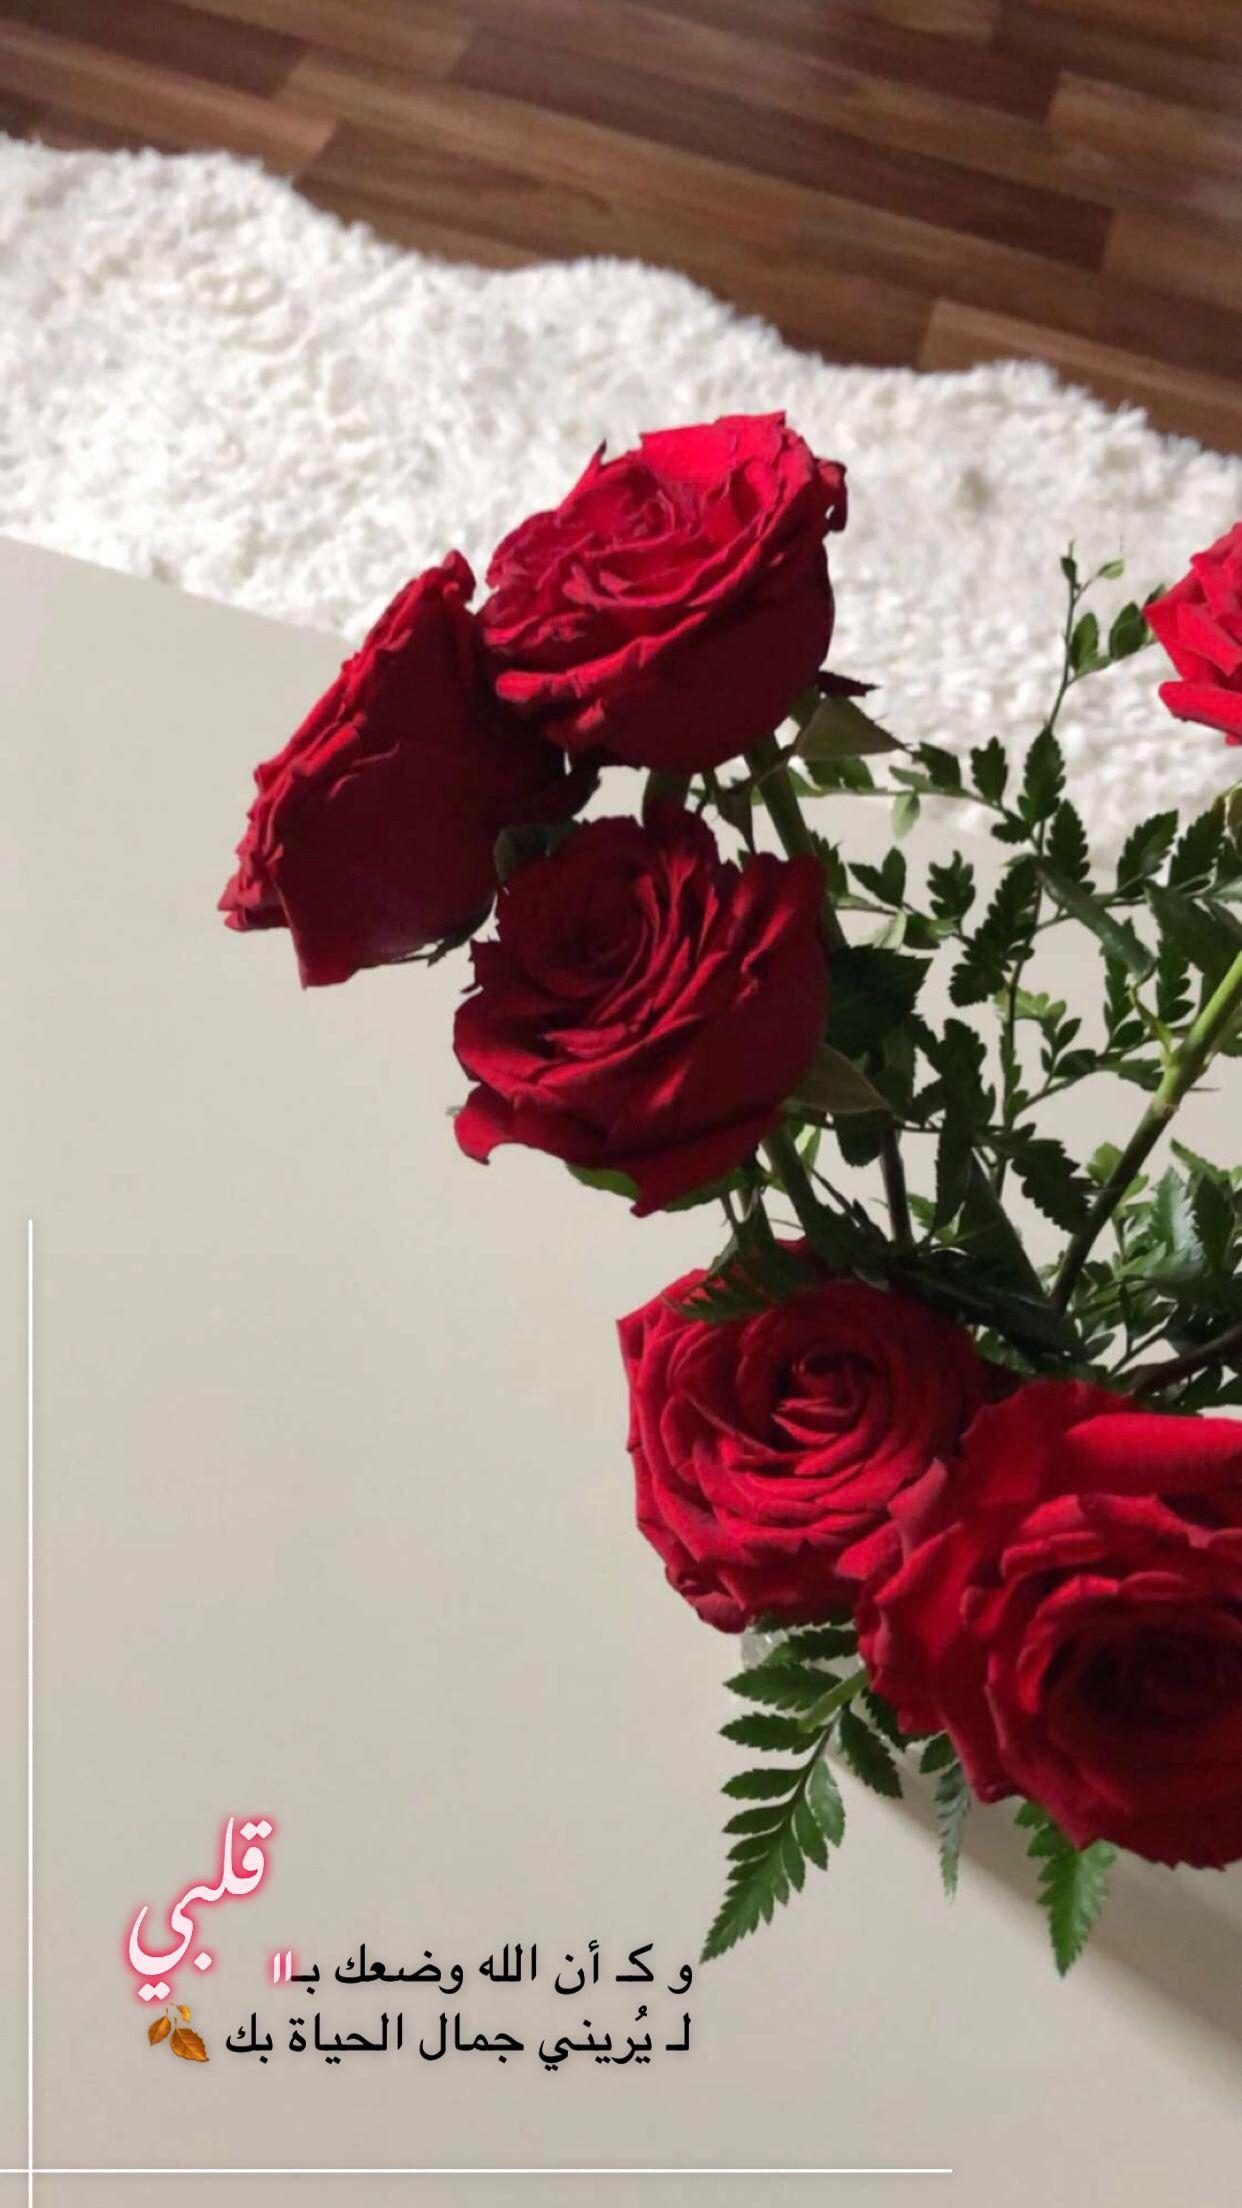 همسة و كـ أن الله وضعك بـ قلبي لـ ي ريني جمال الحياة بك تصميمي تصميم ورد ورود Flowers Flower Quotes Valentines Flowers Romantic Diy Gifts